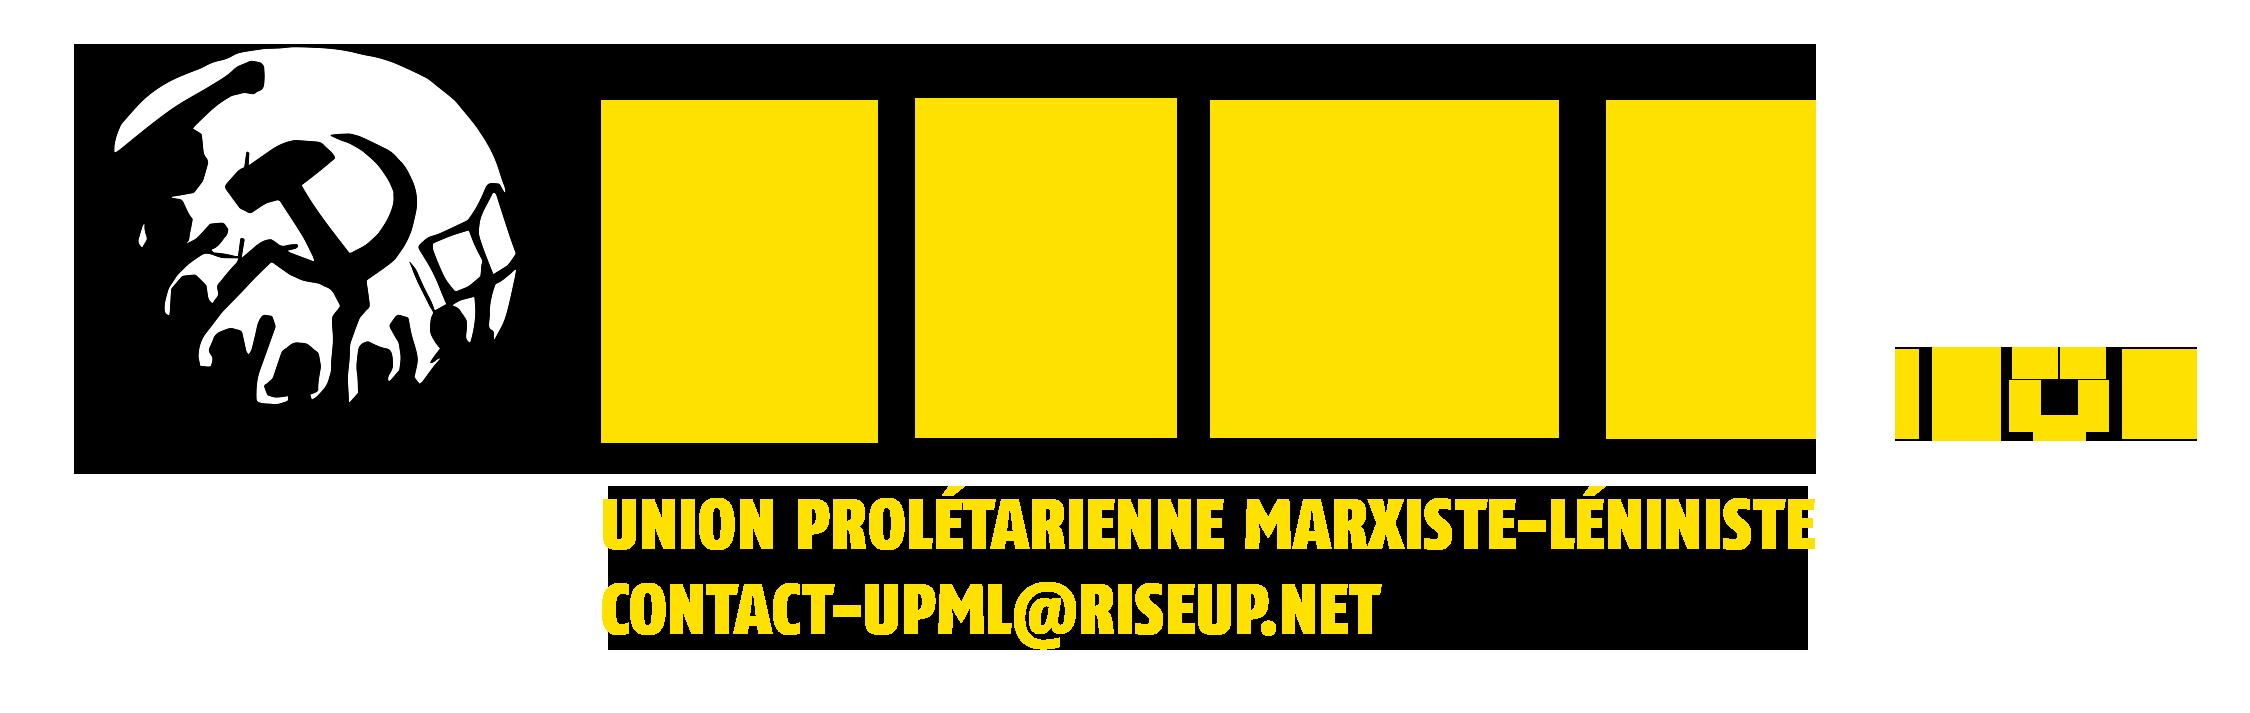 UPML membre de l'ICOR